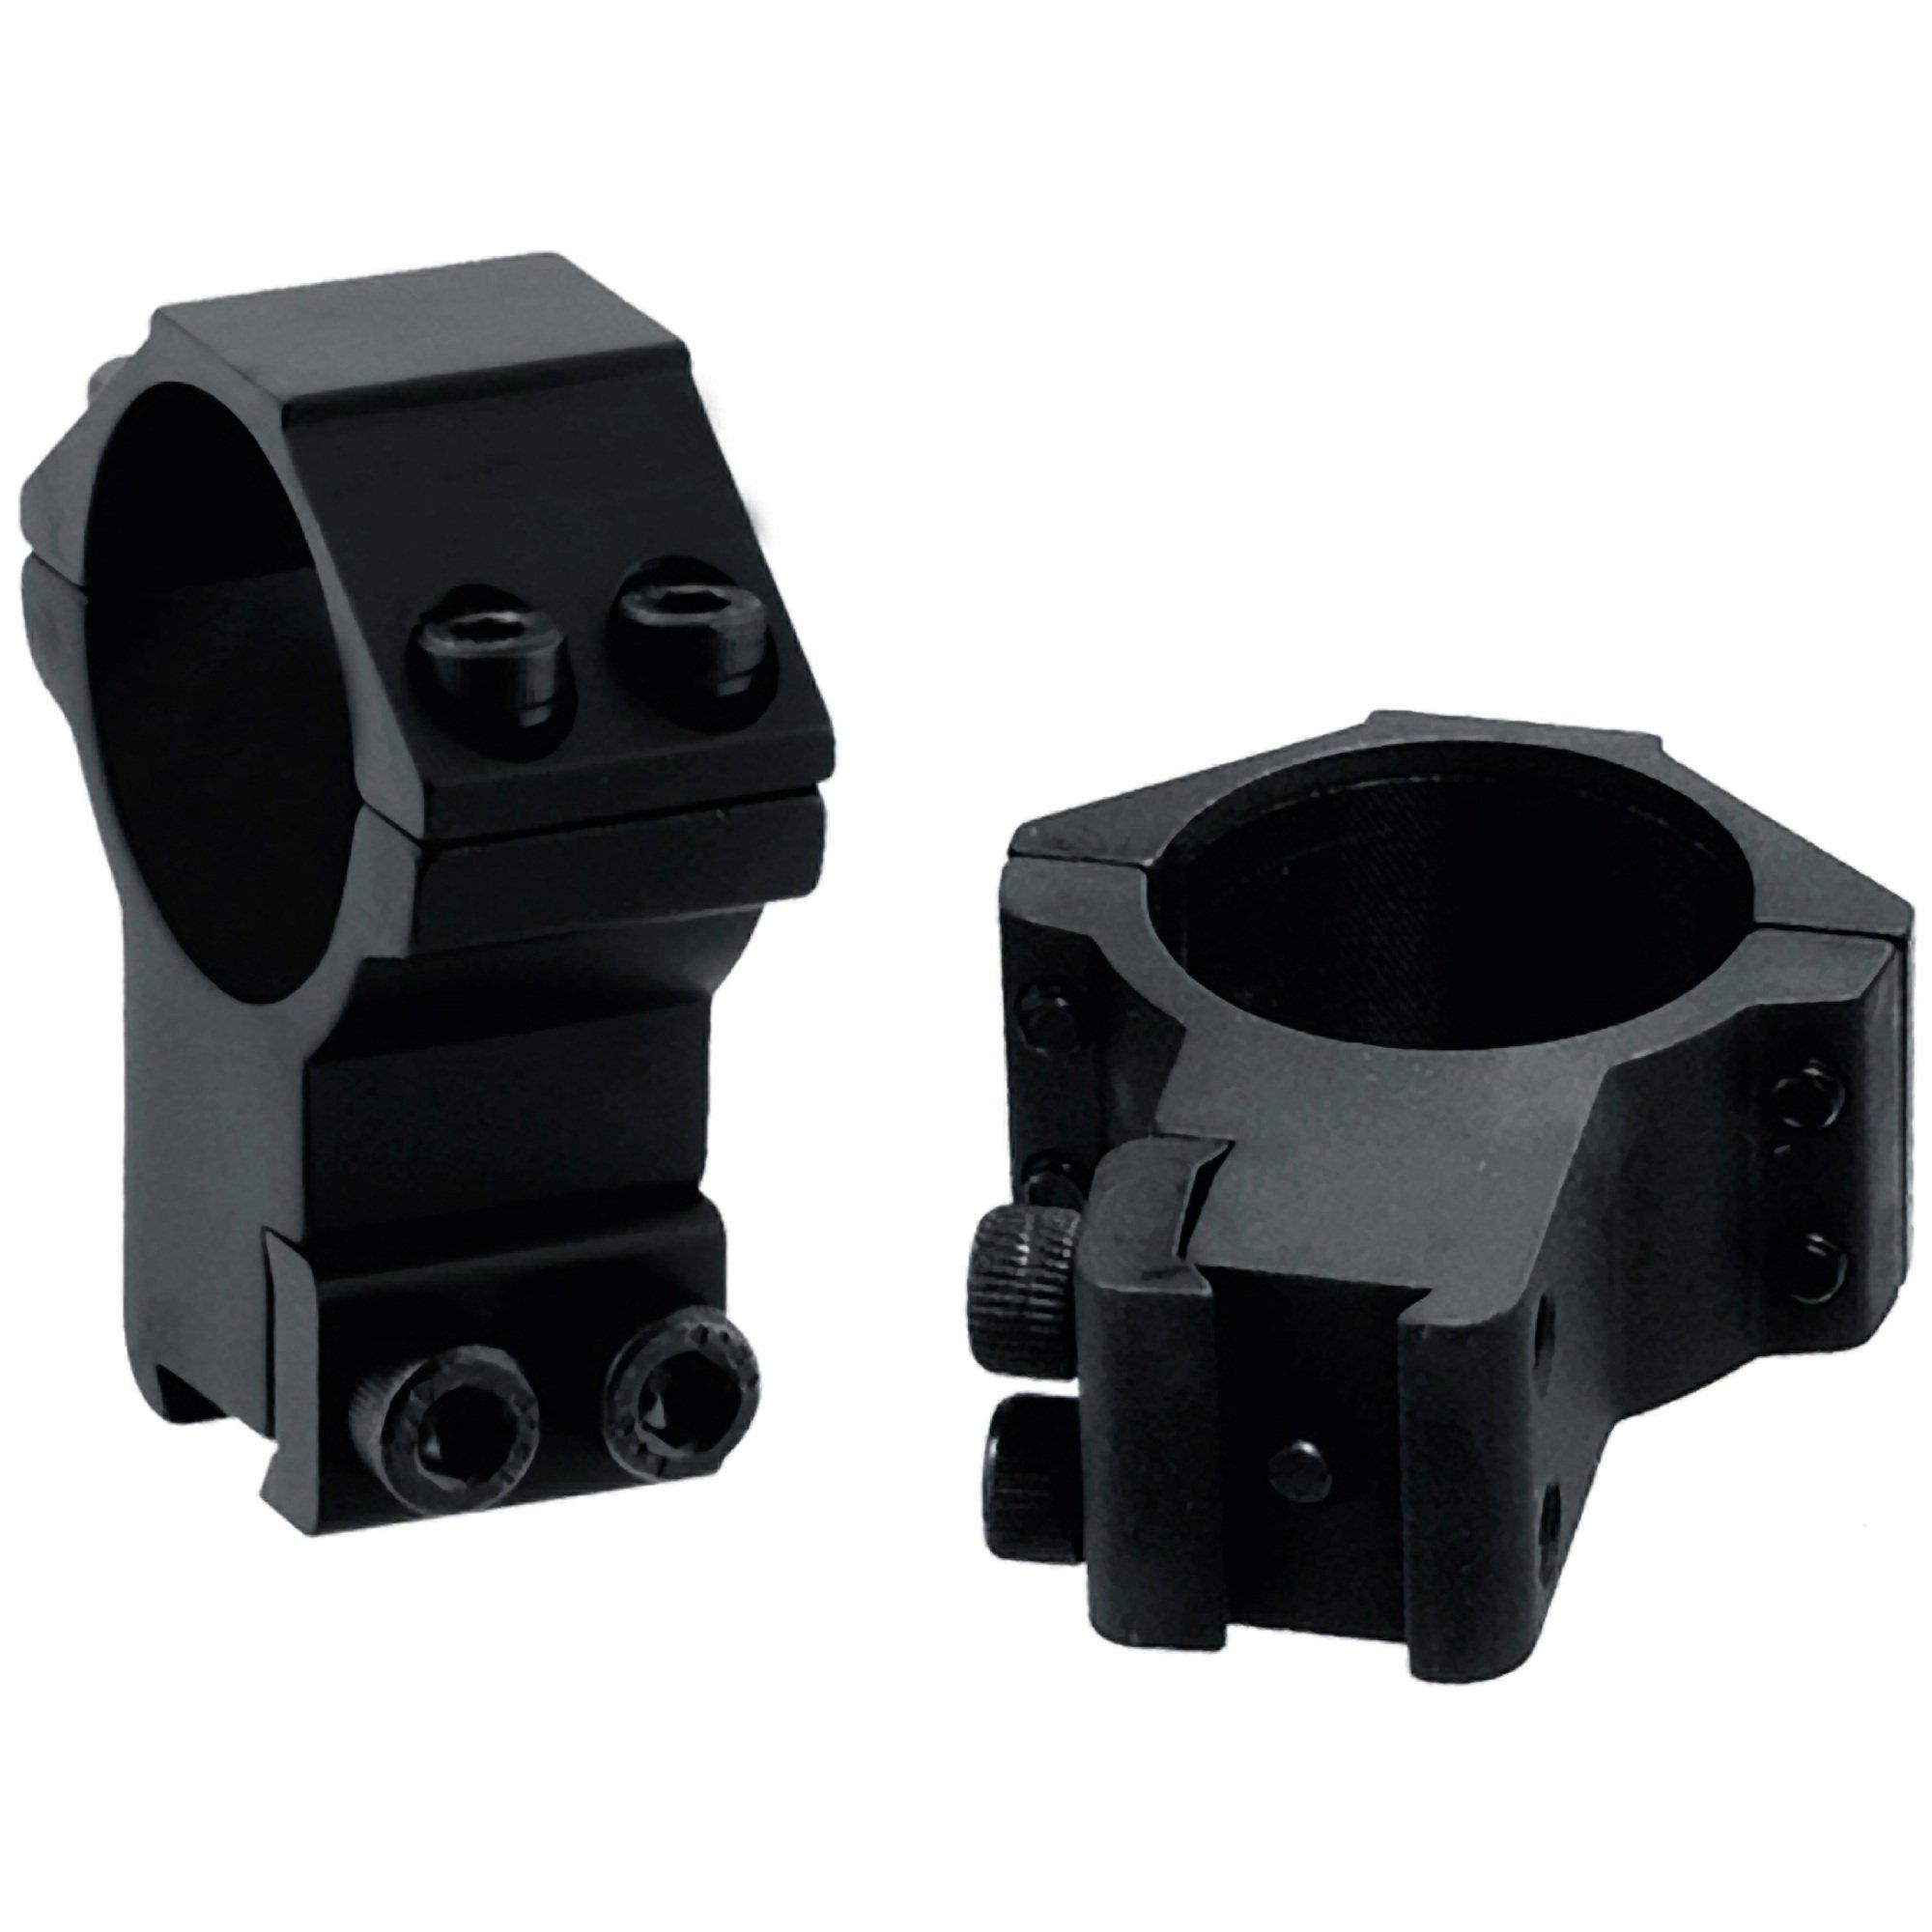 Anillos de pistola de aire de alto perfil UTG de 30 mm / 2 piezas con pasador de parada